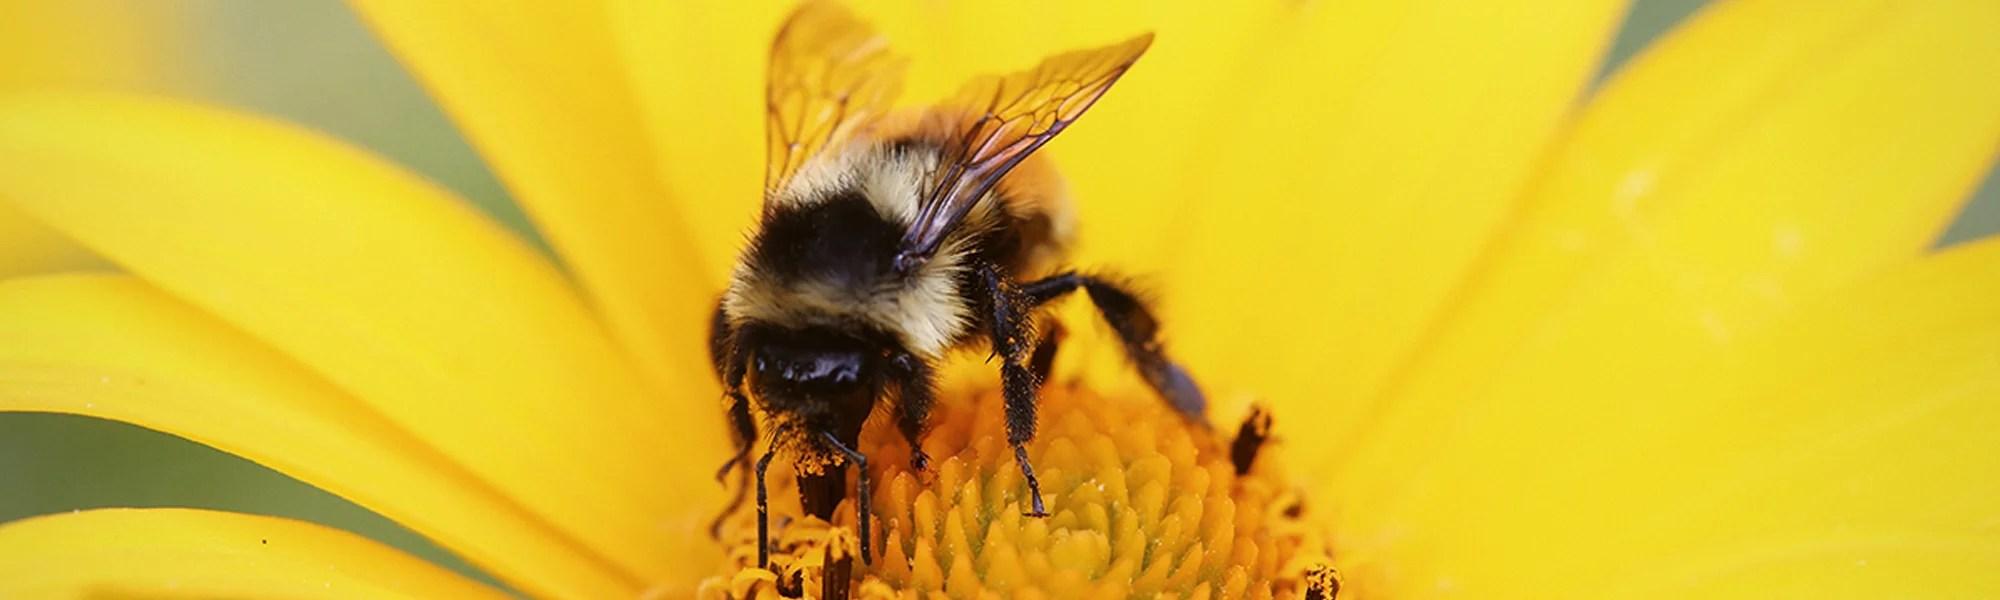 România a devenit cel mai mare producător european de miere de albine